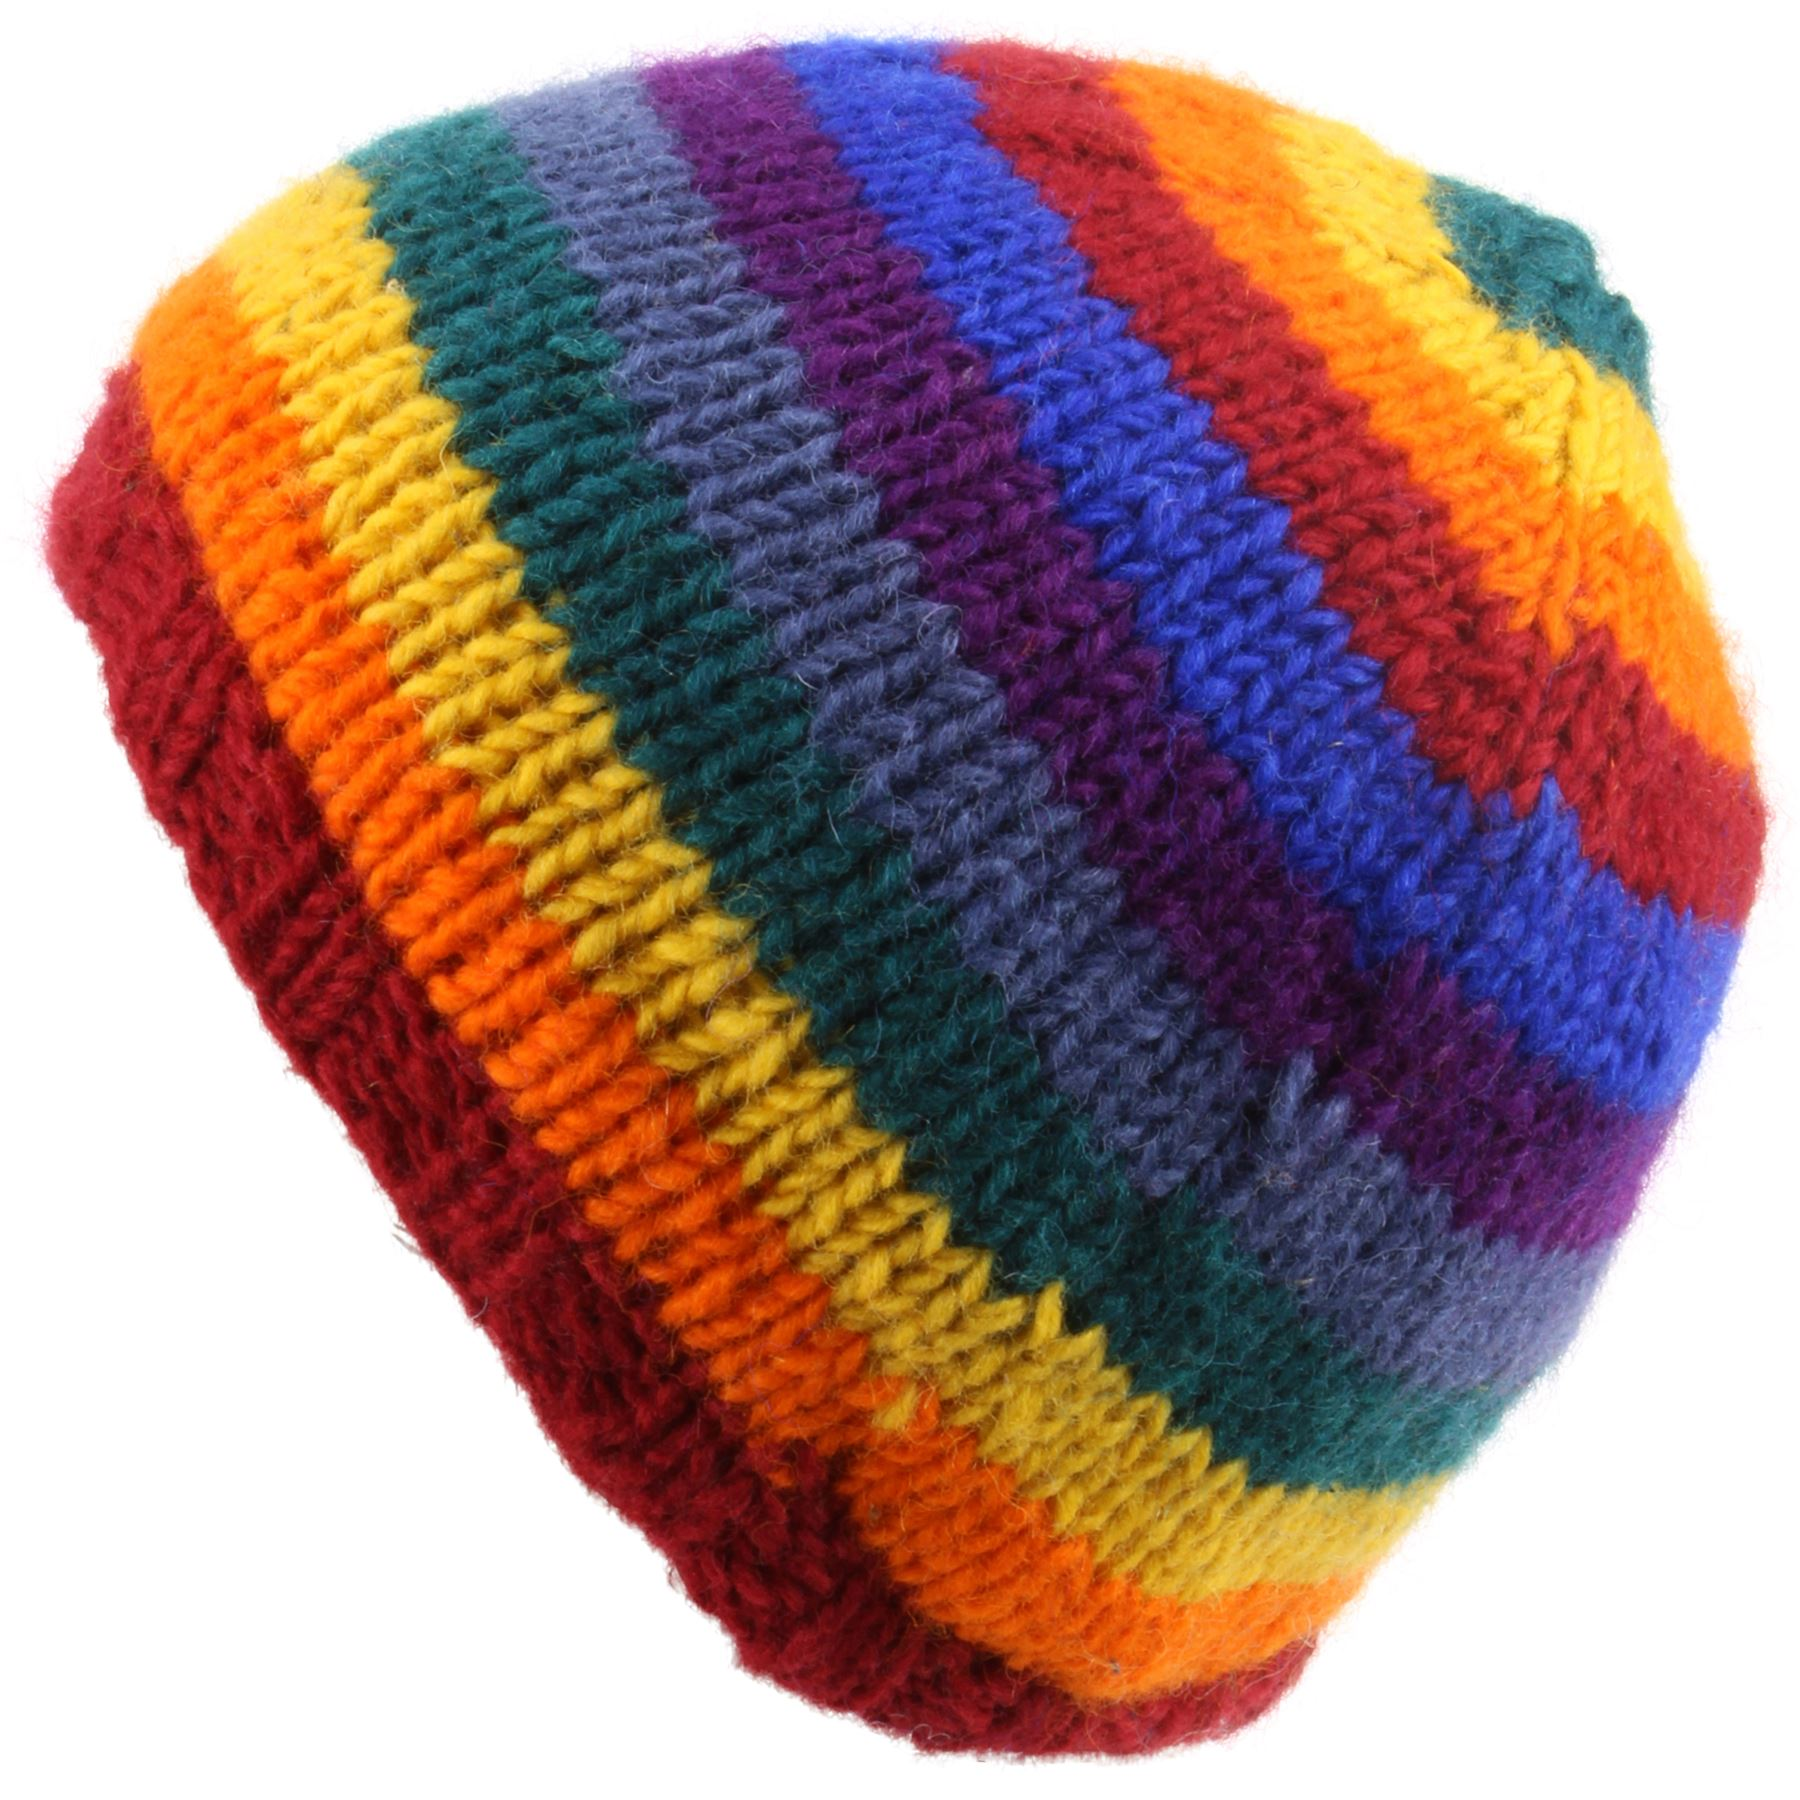 Details about RAINBOW Beanie Hat Wool Knit Stripe LOUDelephant Fleece Lined  Warm Winter 791a6f88235